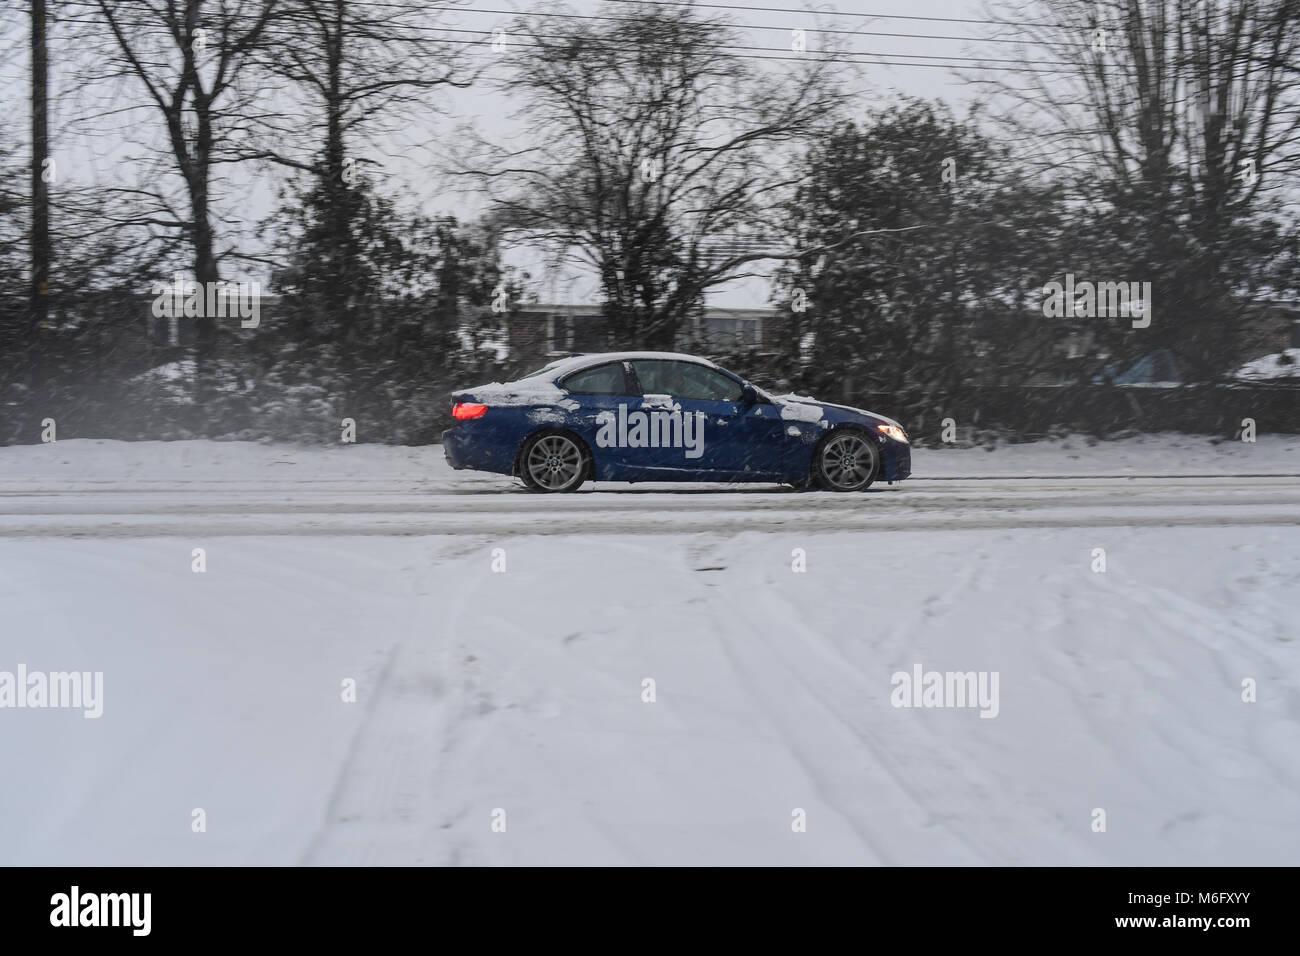 Une BMW série 3 bleu le long des lecteurs un couvert de neige36 vers Southampton dans des conditions de conduite. Banque D'Images